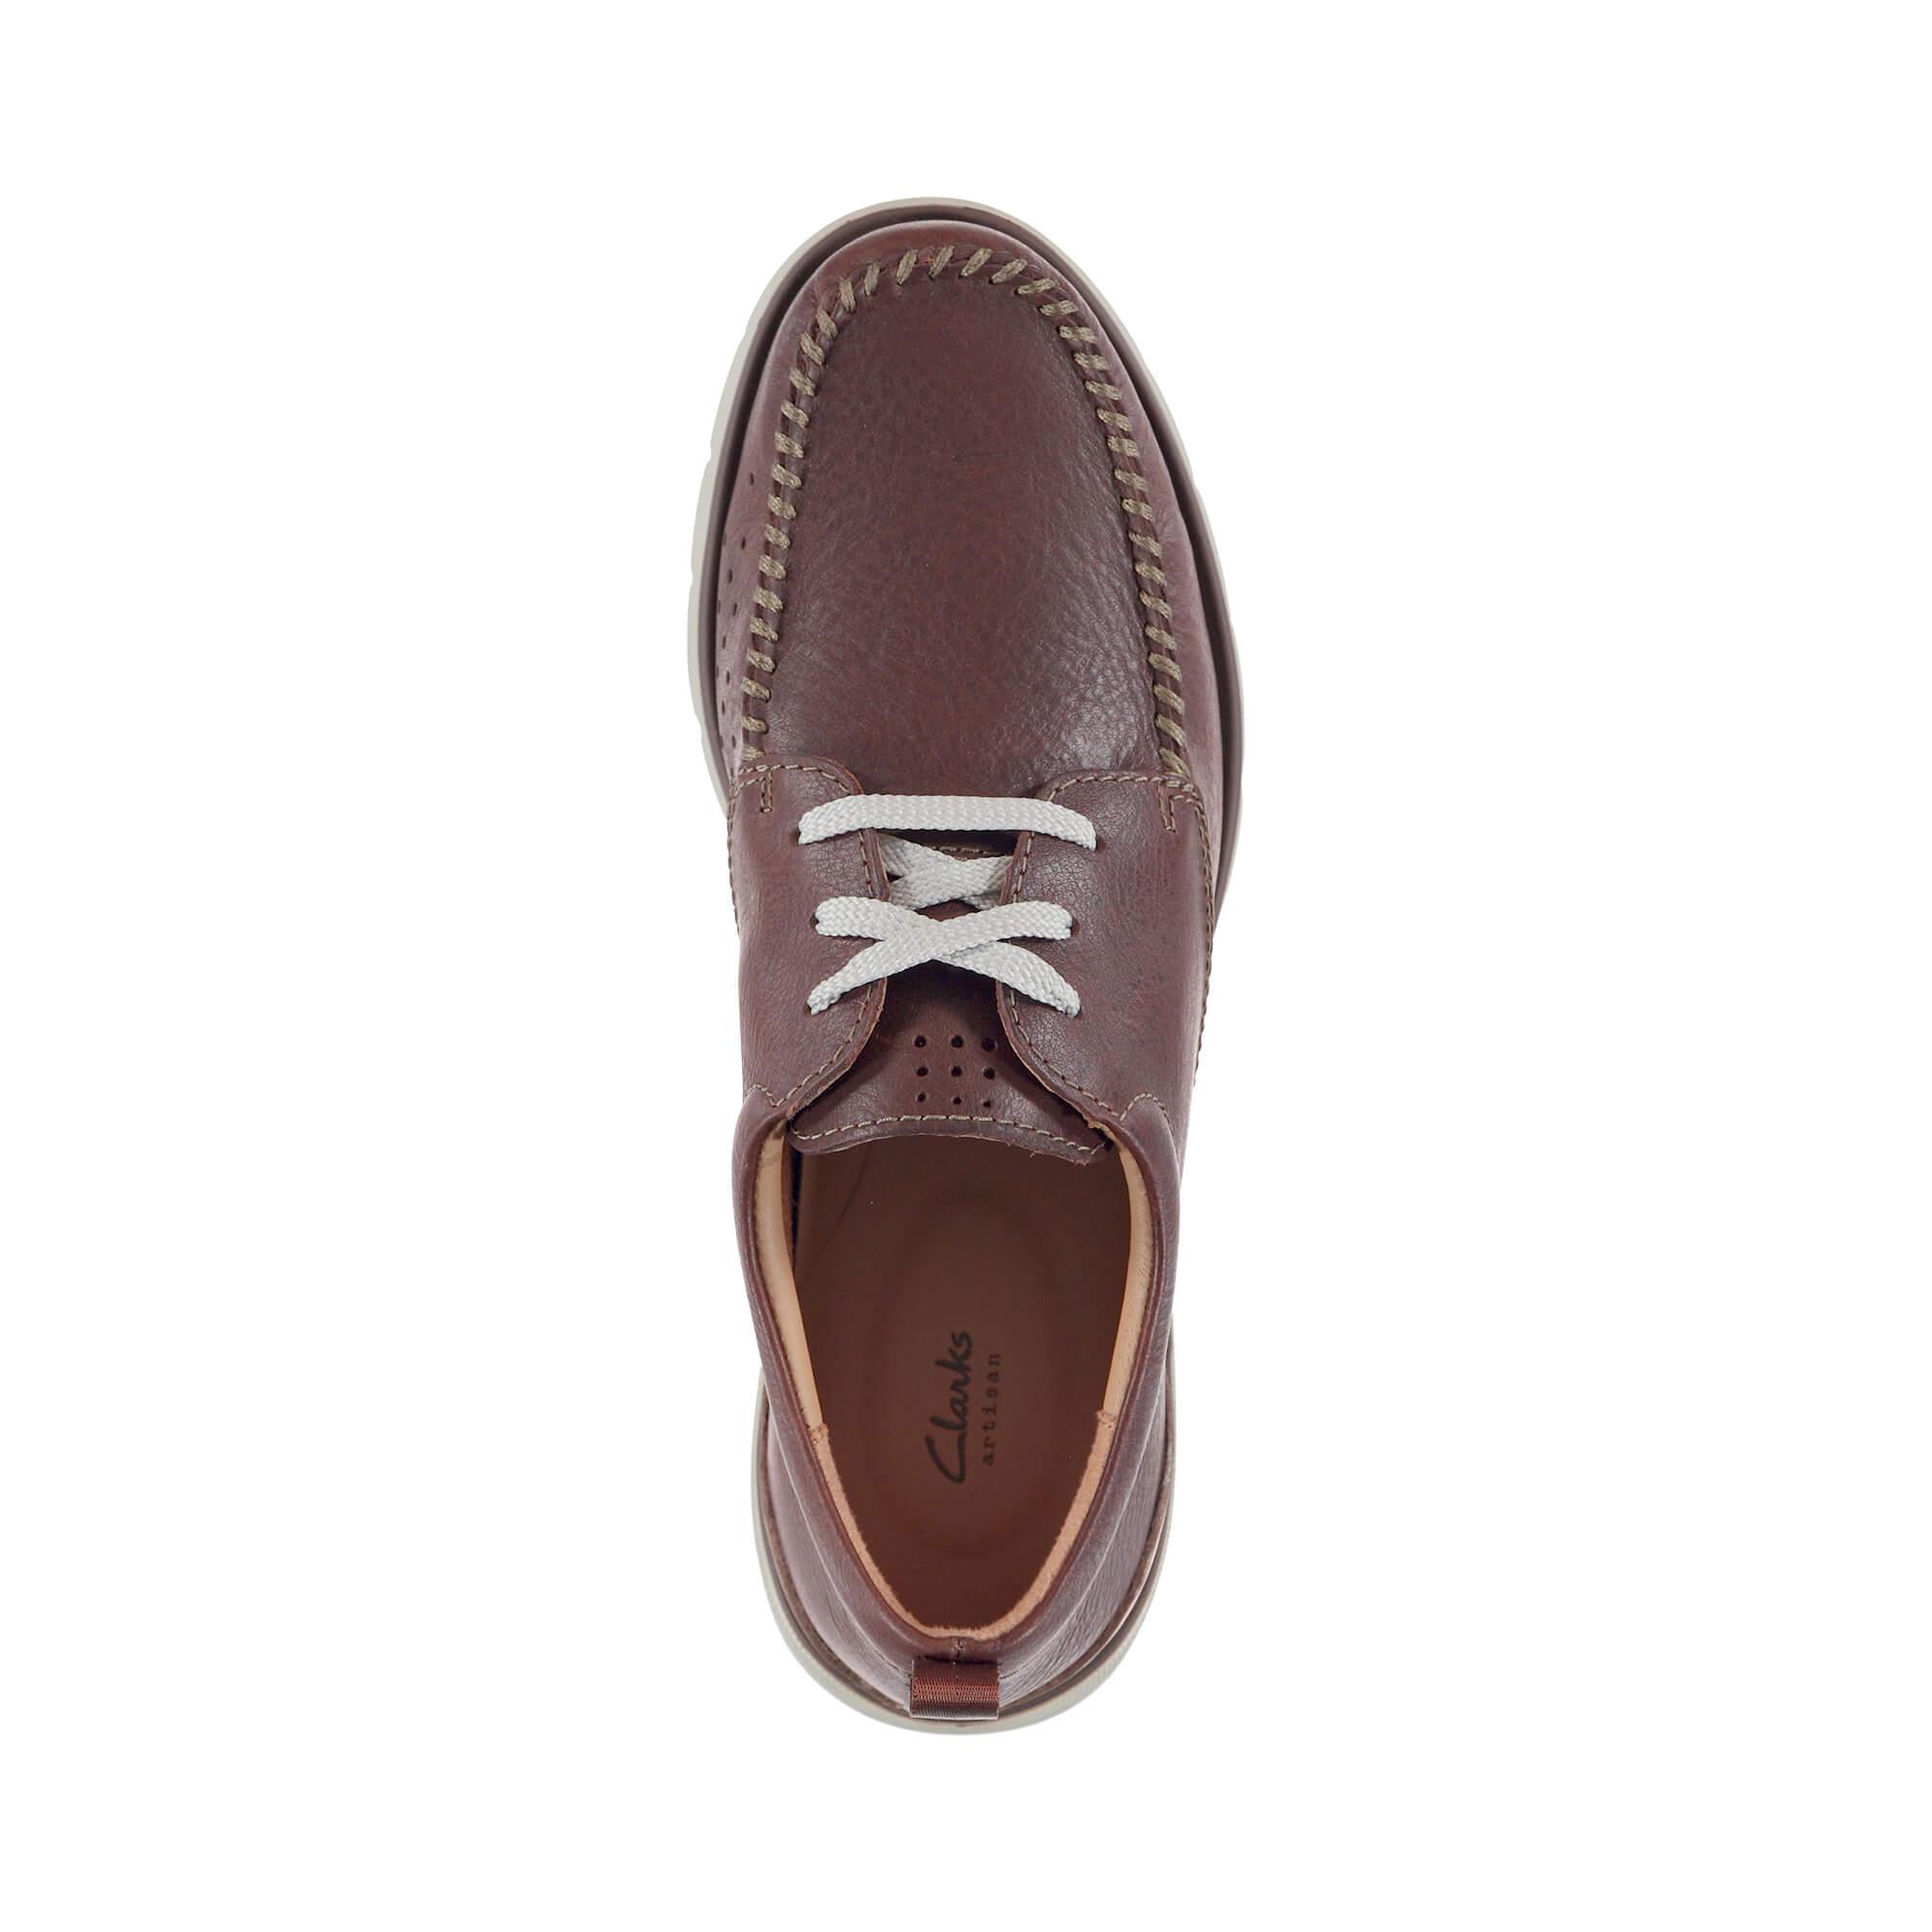 Clarks Edgewood Mix Erkek Bordo Sneakers